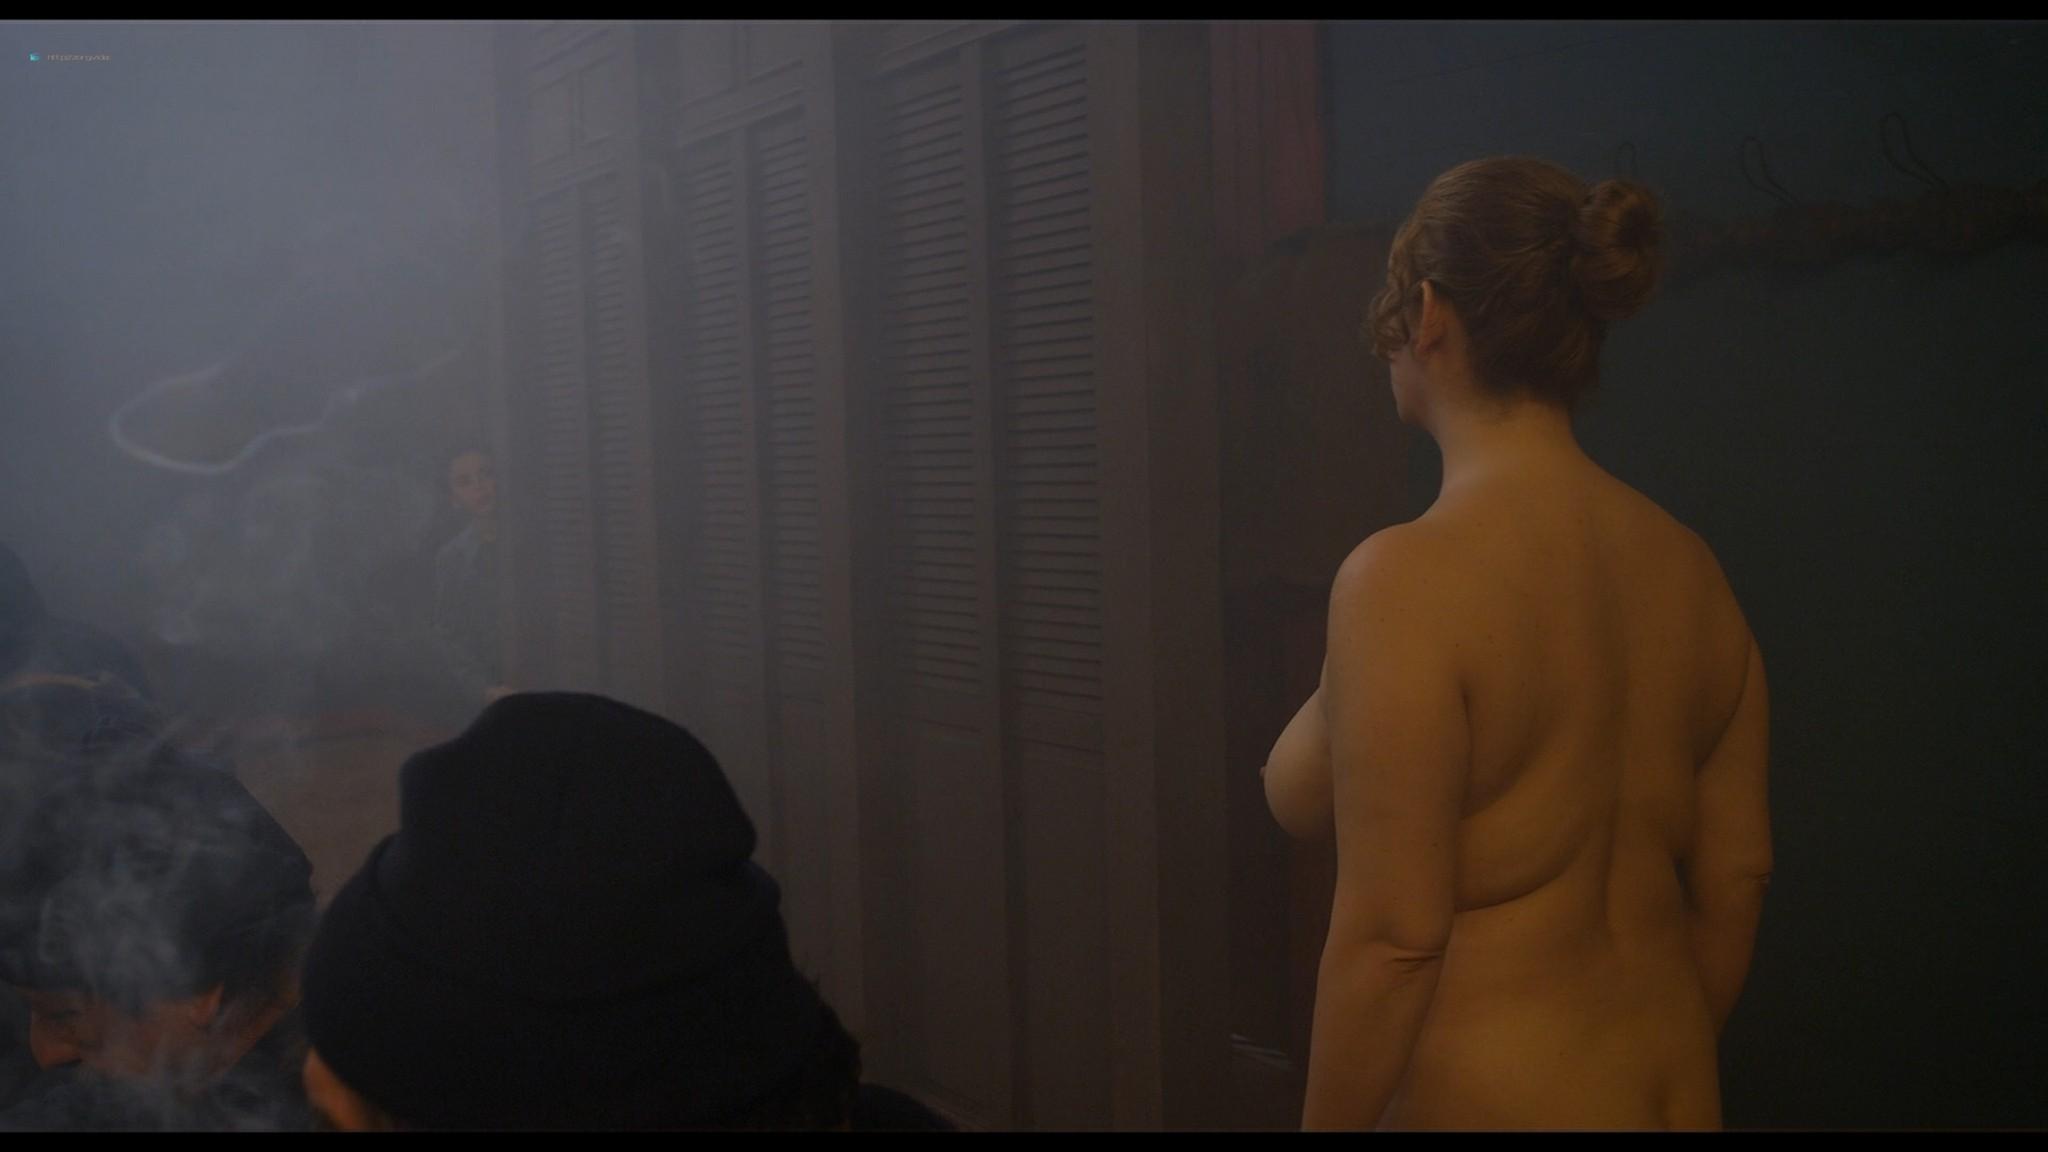 Pamela Flores nude full frontal - La danza de la realidad (2013) HD 1080p BluRay REMUX (4)